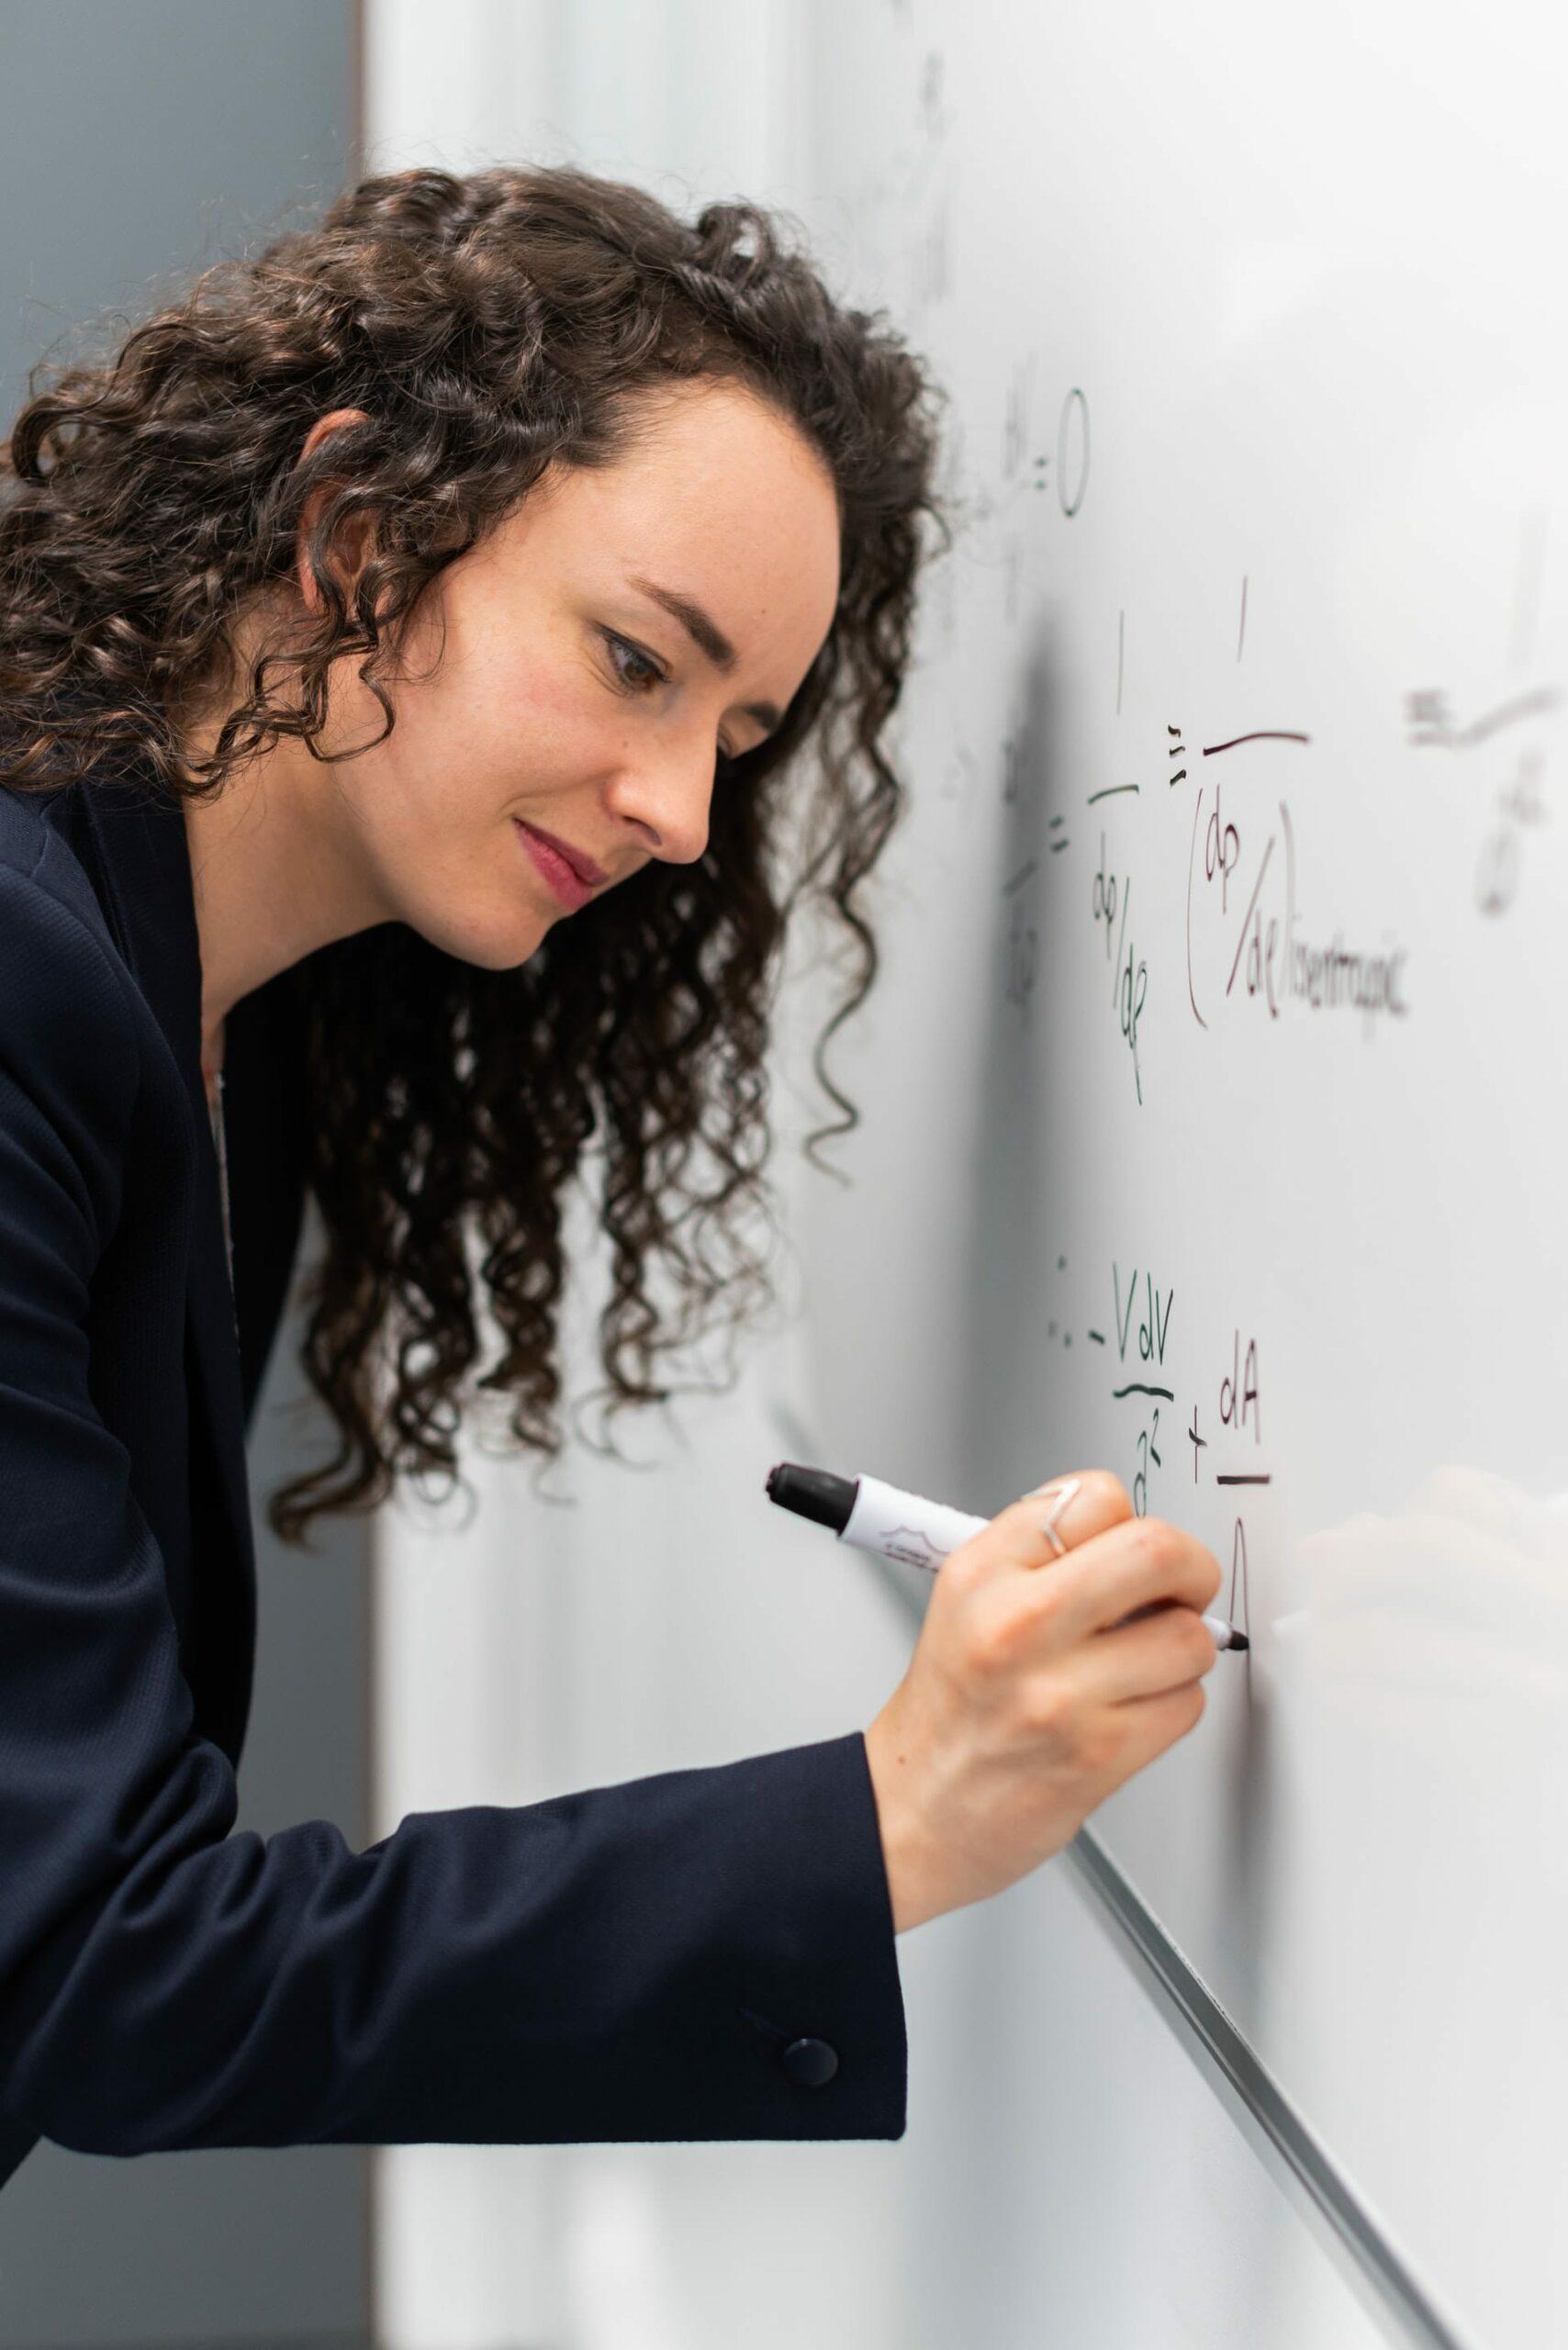 professeur écrivant des maths au tableau